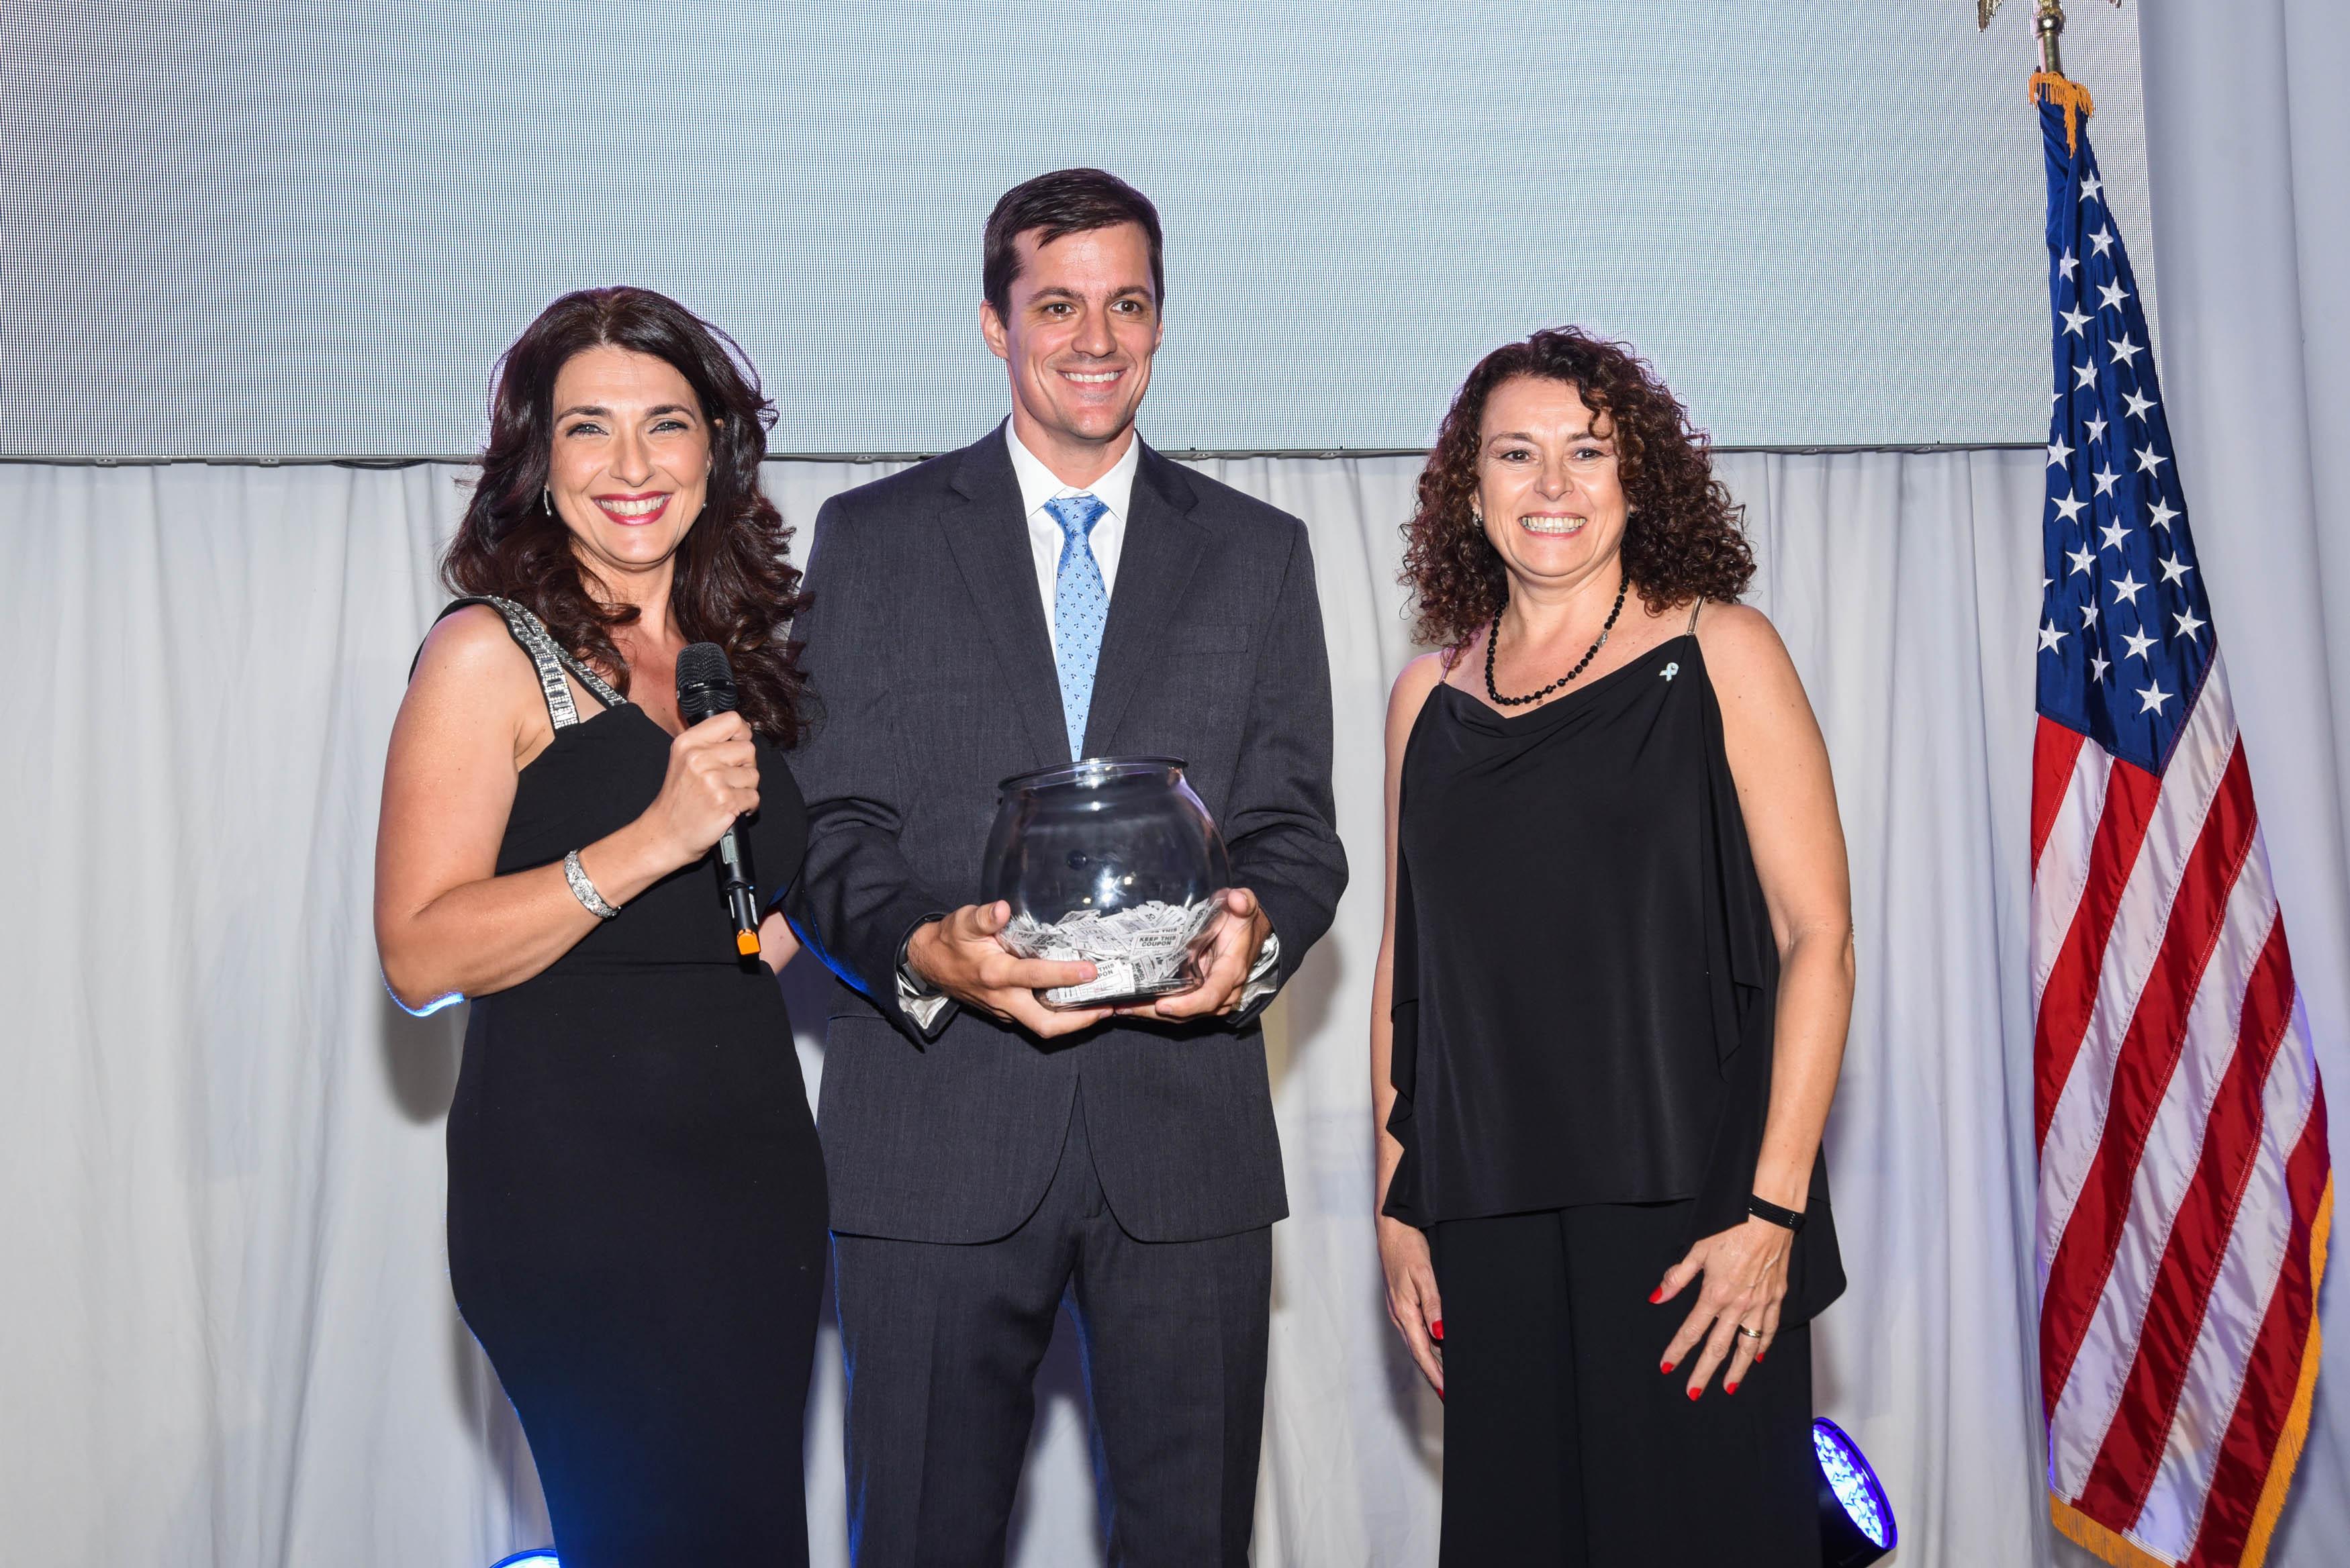 Fatima Slame y Luciano Macagno, Director para LATAM de Delta Airlines, con la afortunada ganadora de dos pasajes a Argentina.